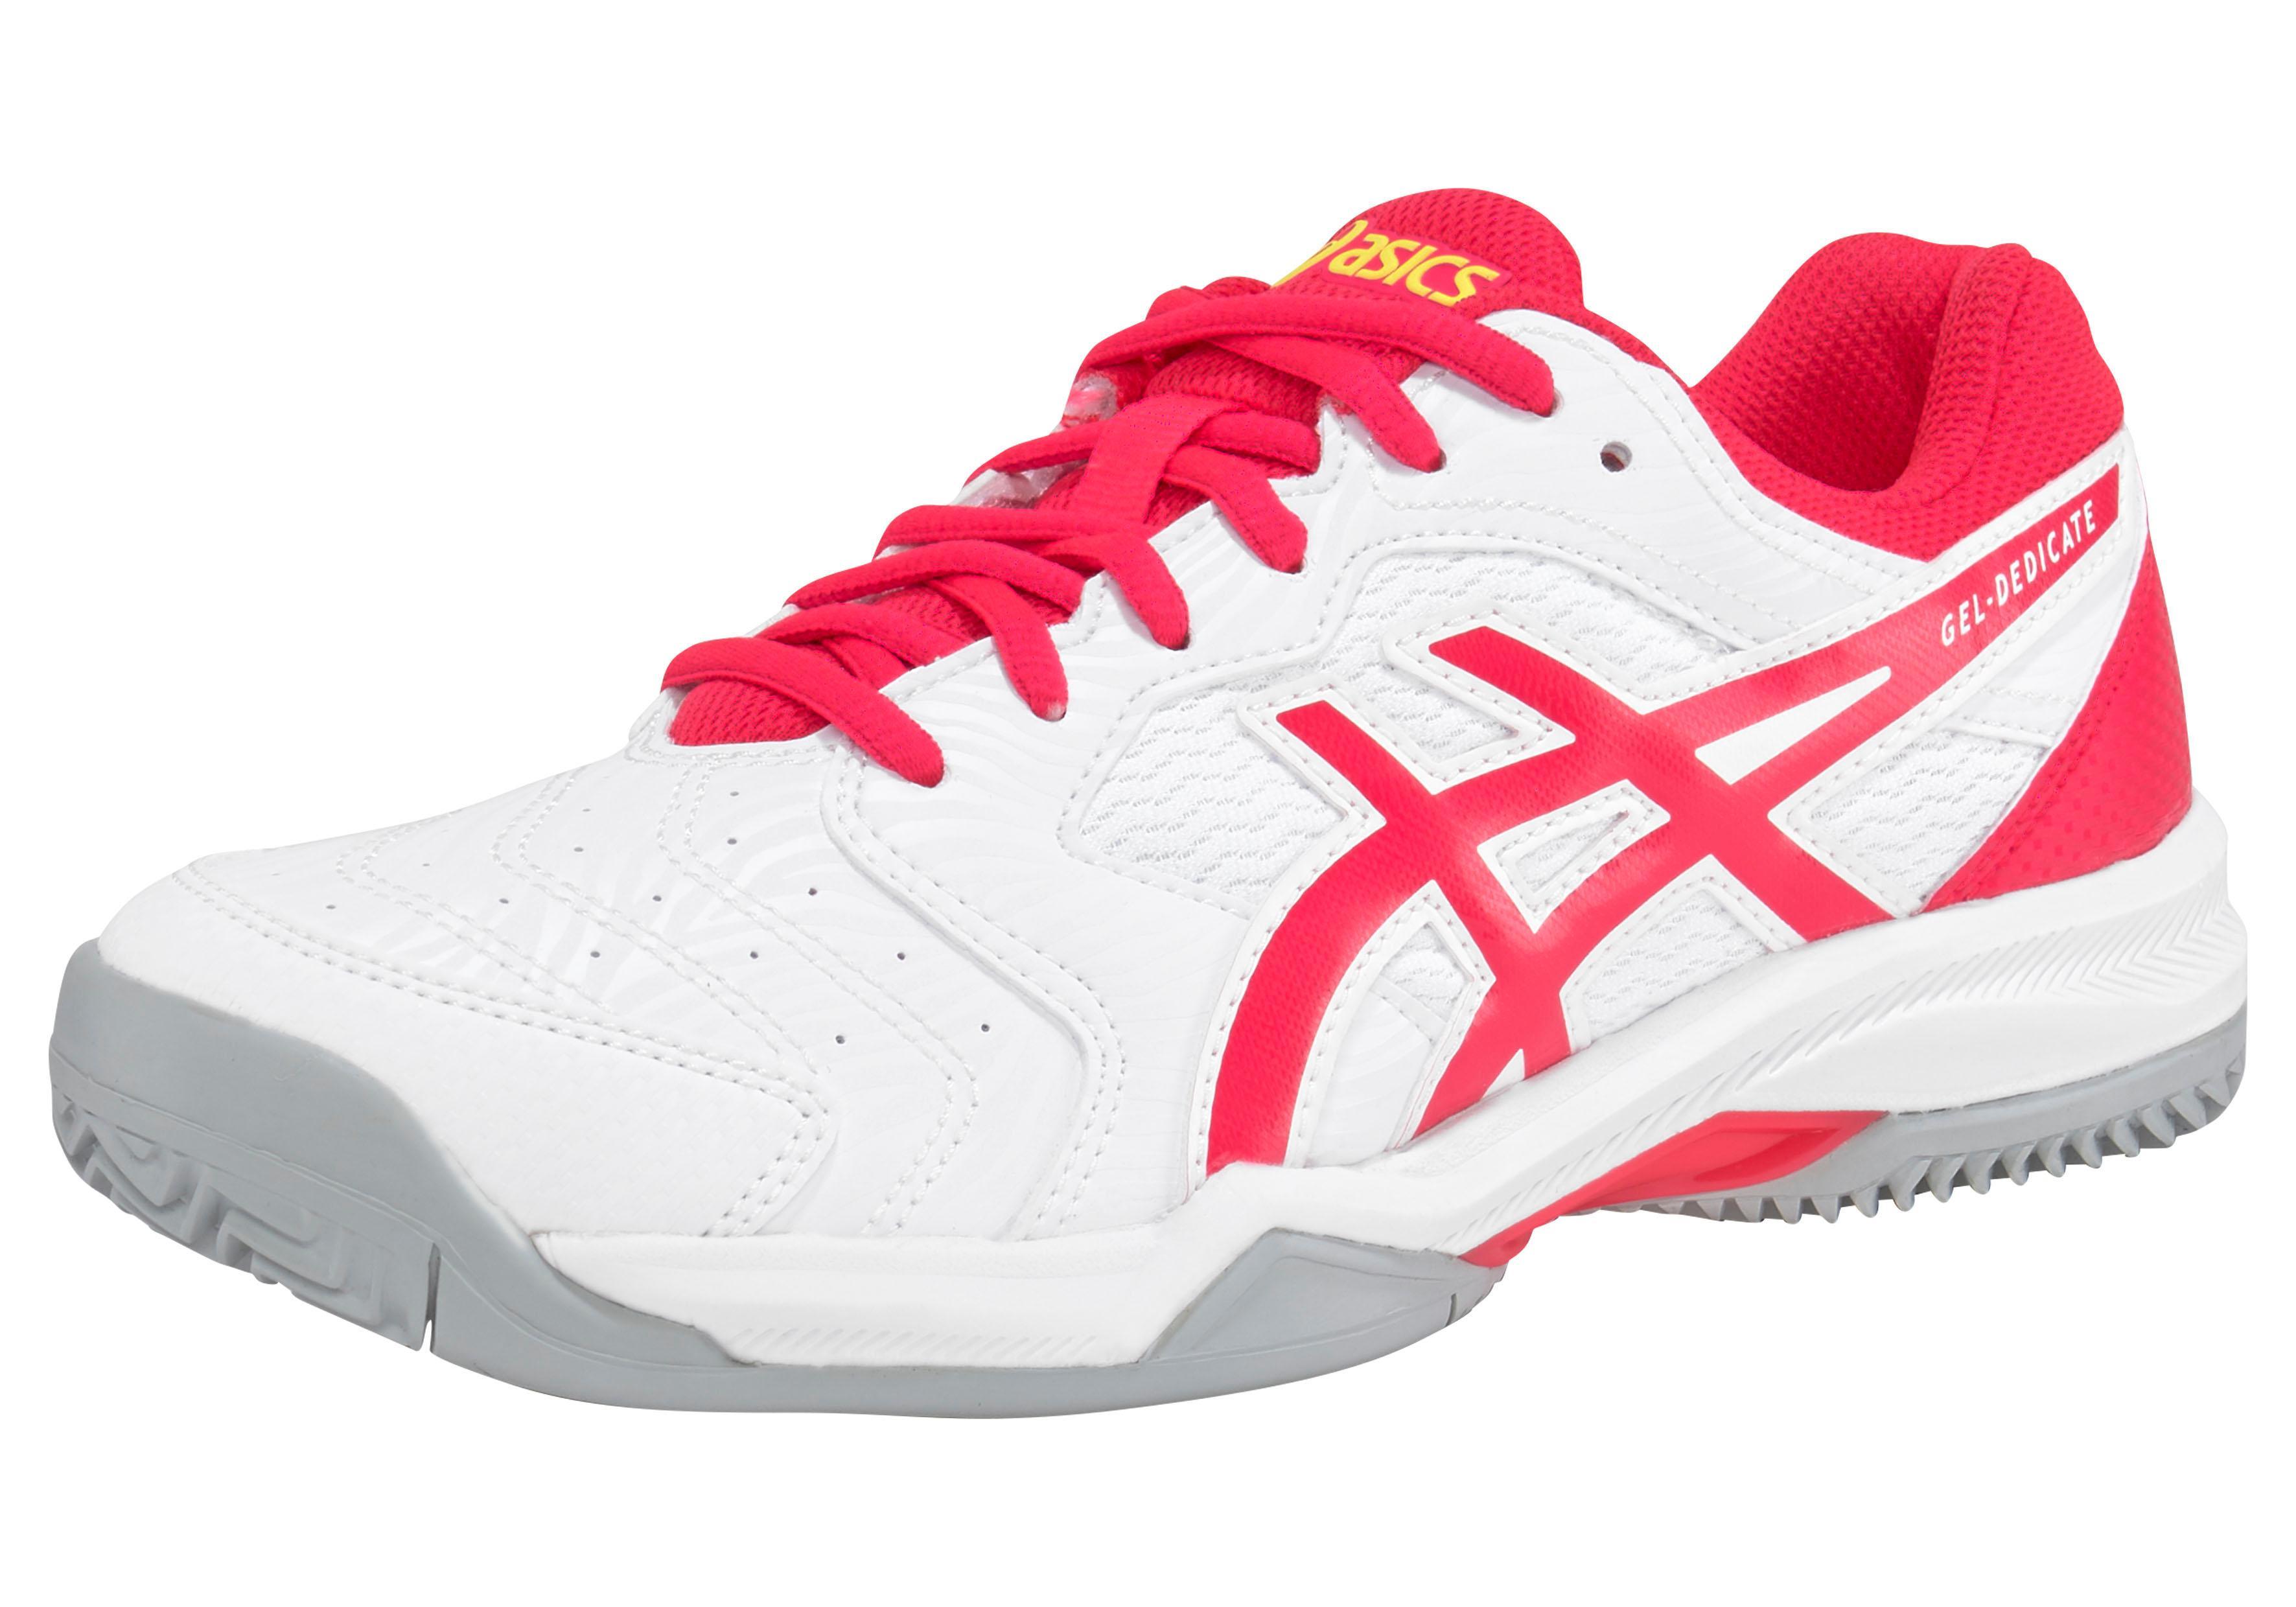 Asics Tennisschuh GEL-DEDICATE 6 CLAY Damenmode/Schuhe/Sportschuhe/Tennisschuhe